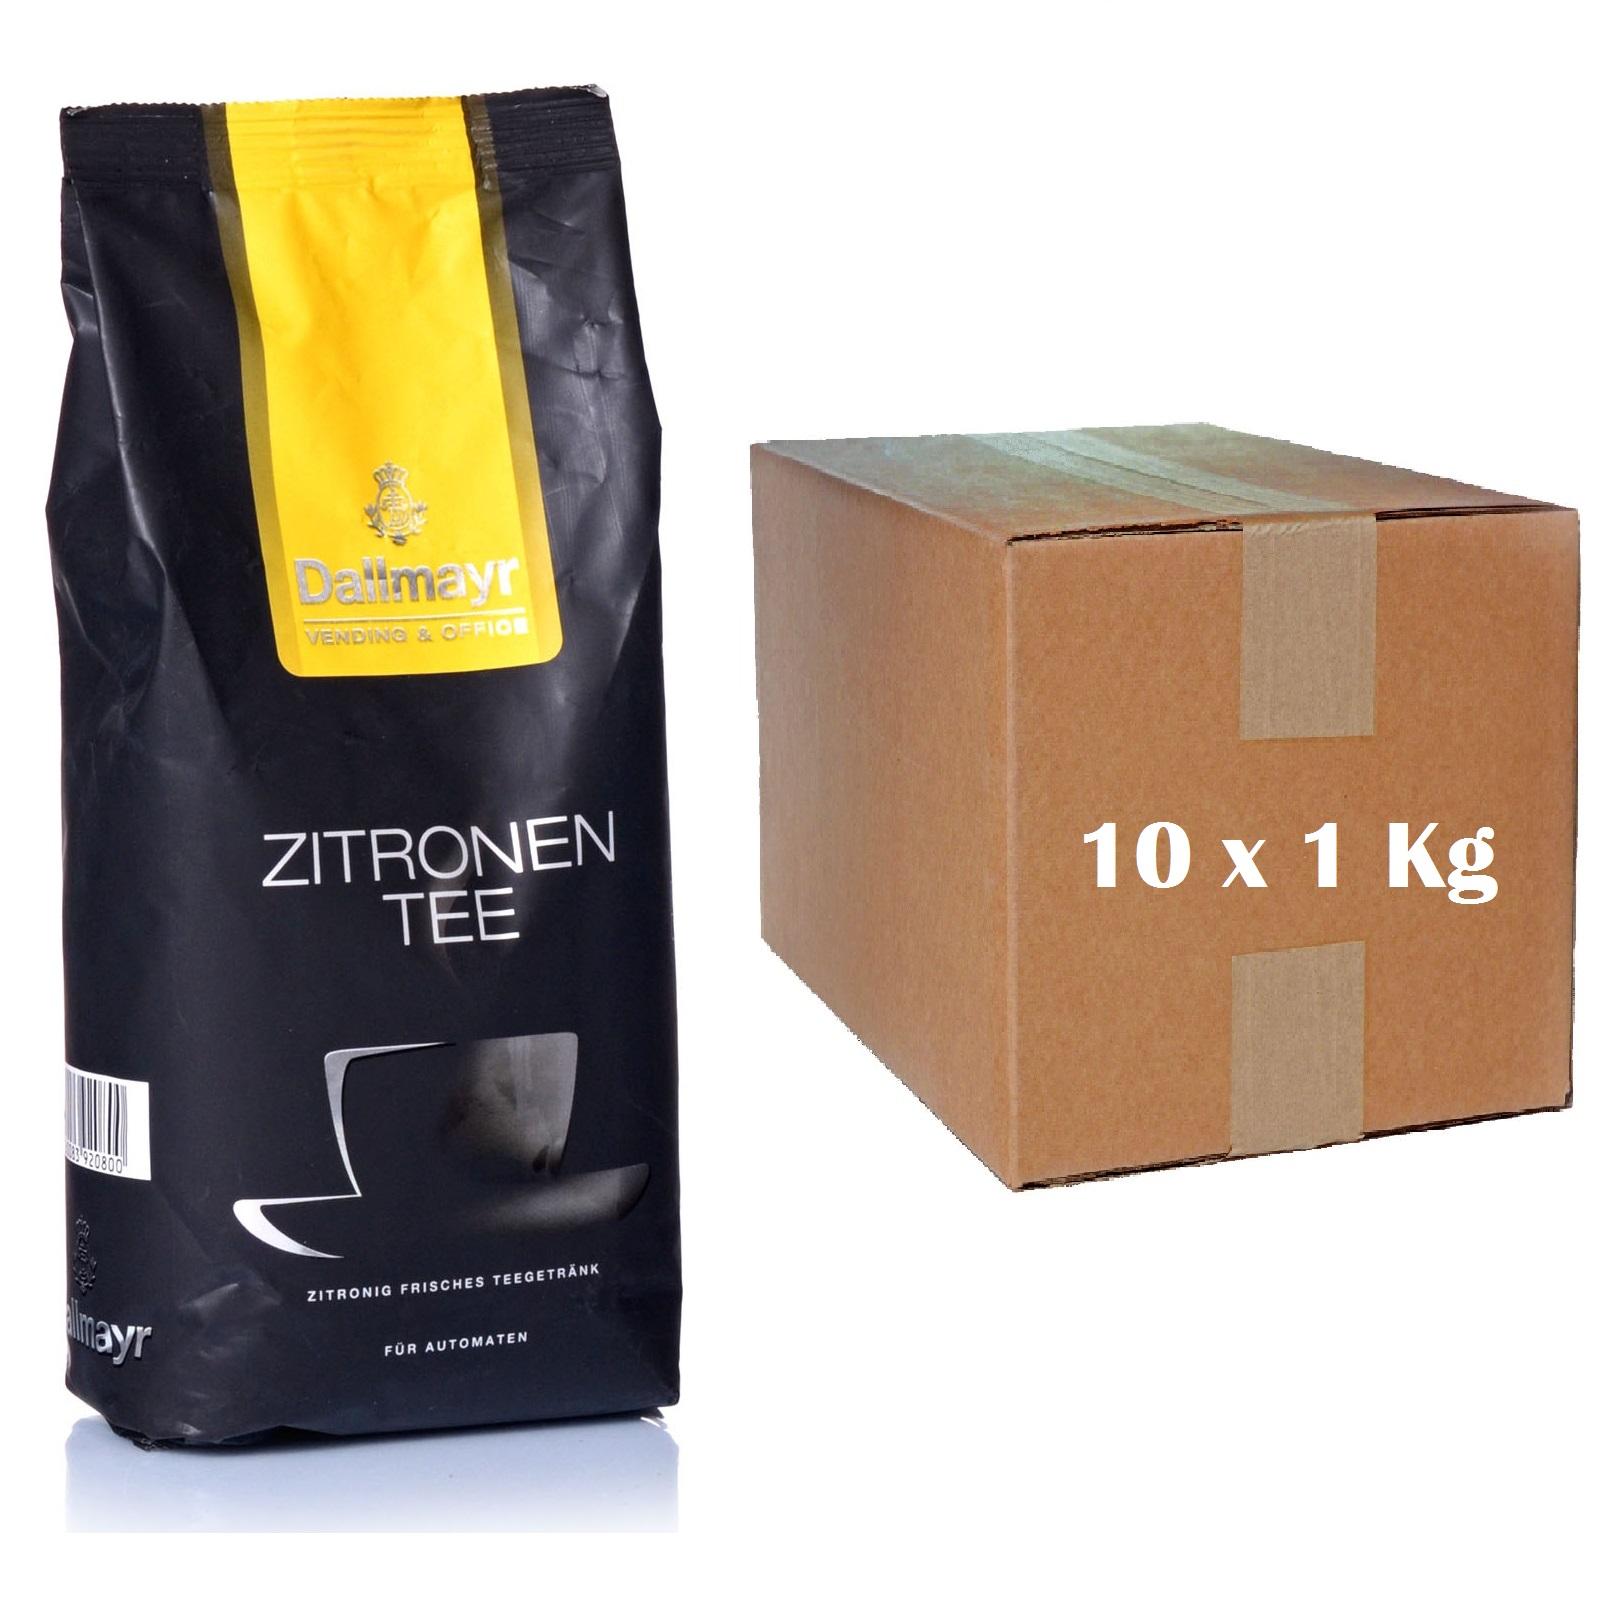 Dallmayr Zitronentee 10 x 1kg Instant